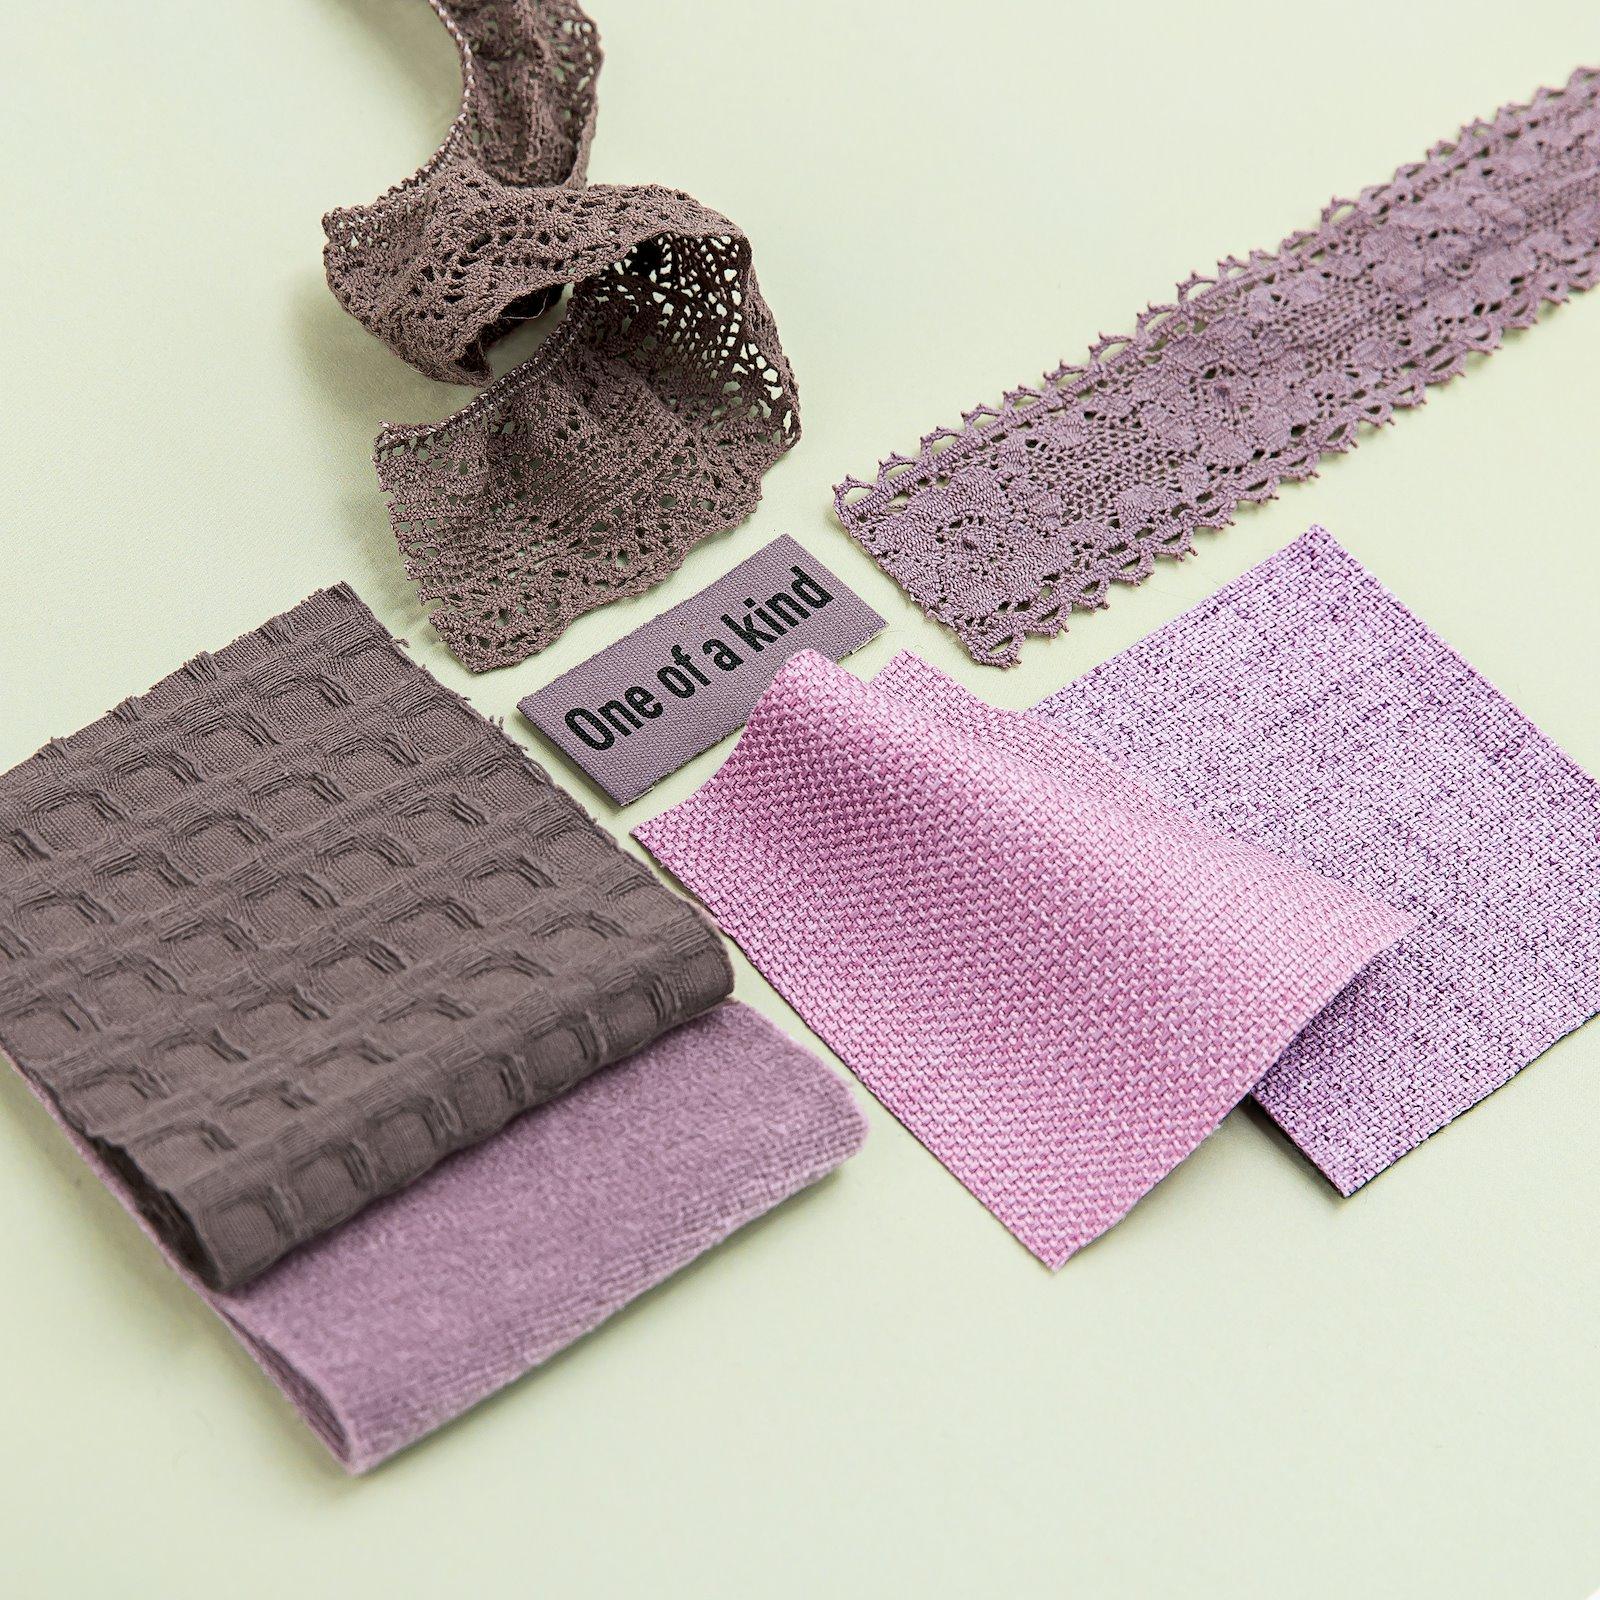 Lace cotton 45mm dusty purple 1,5m 22245_22249_24878_501888_250753_824164_824051_bundle